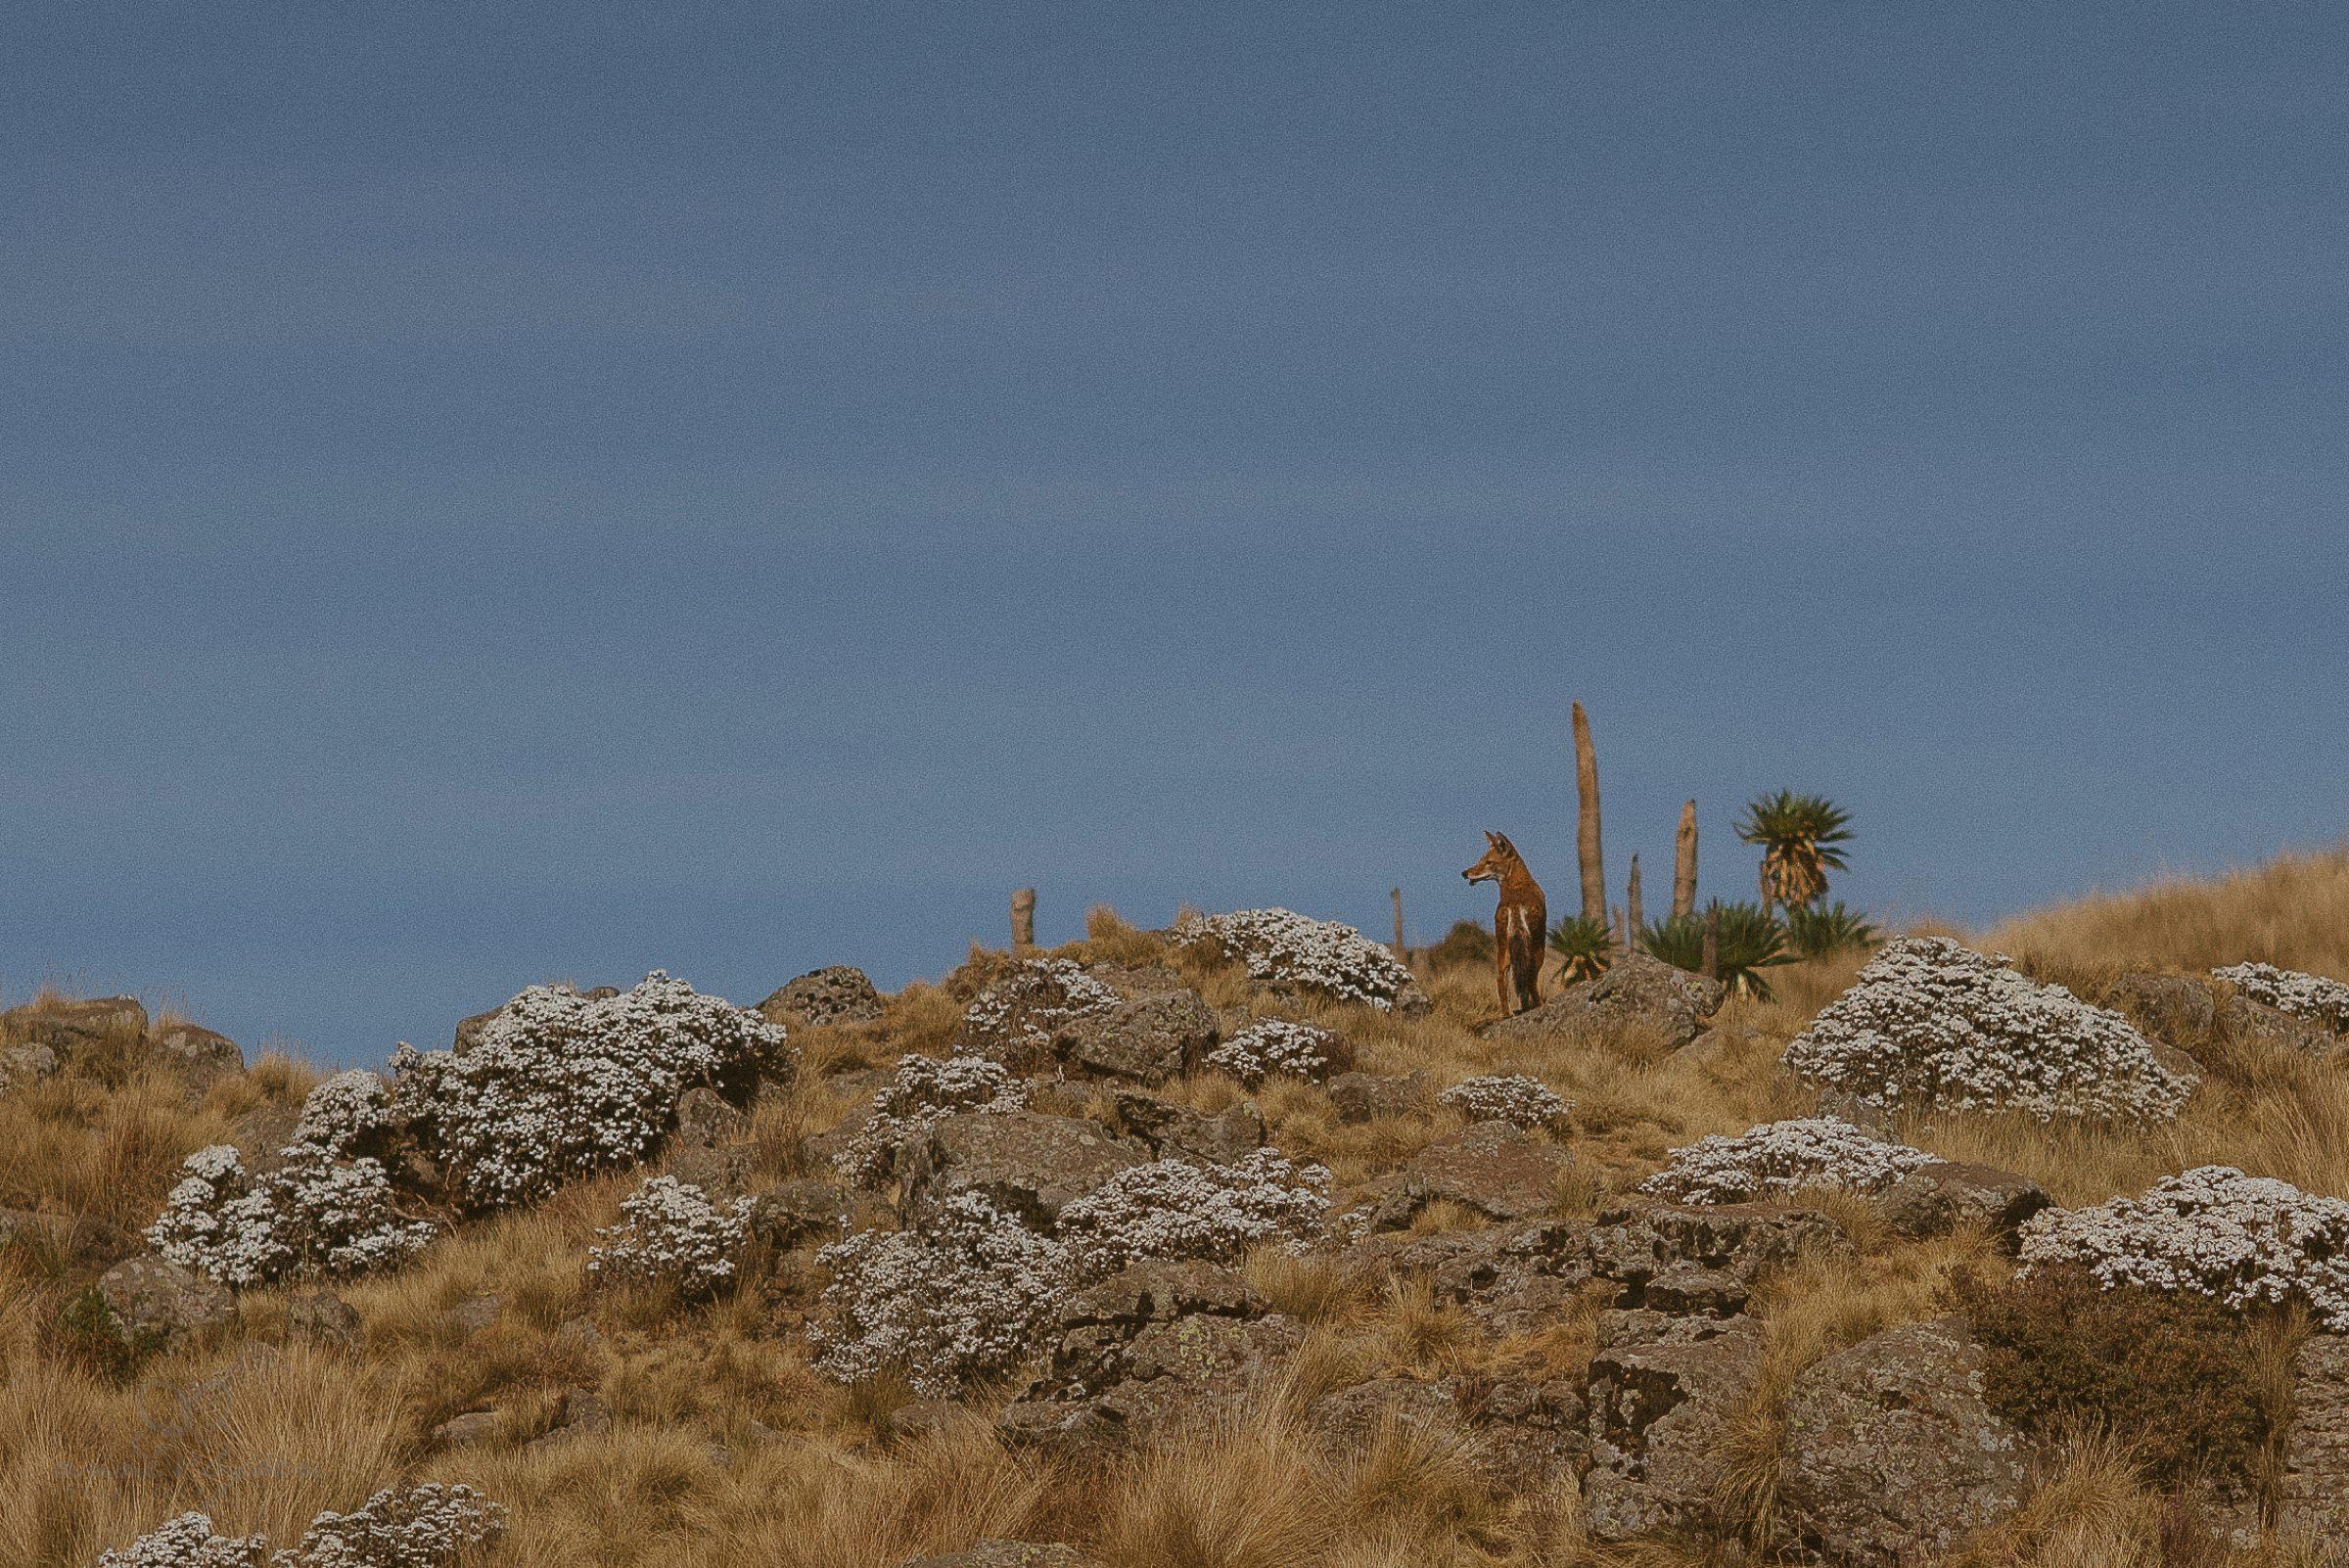 Wüstenhund, Wüstenfuchs, Fuchs, Hund, Simien Berge, Natur